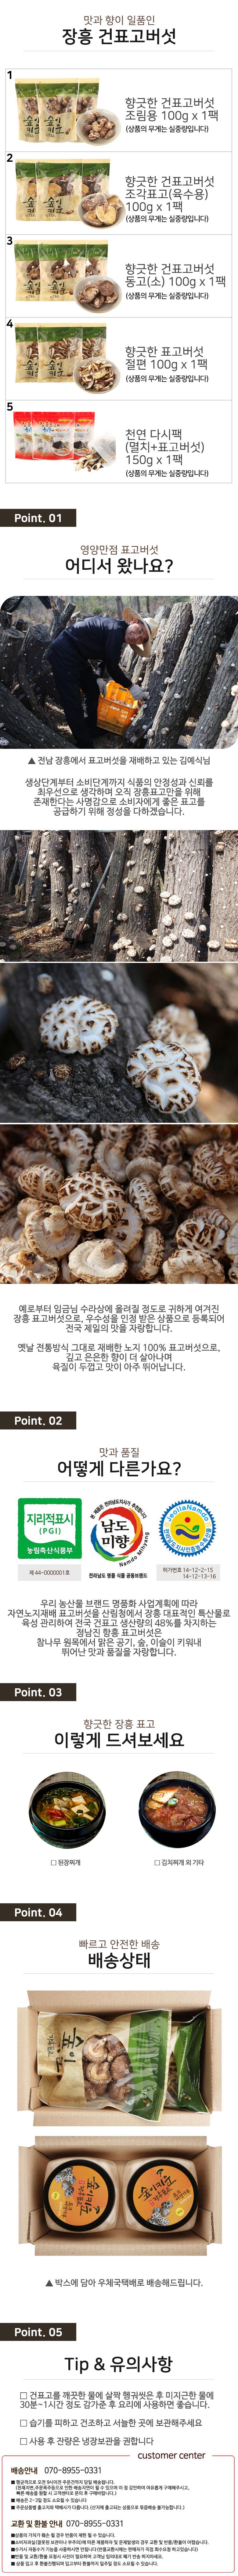 hae_mushroom_op.jpg